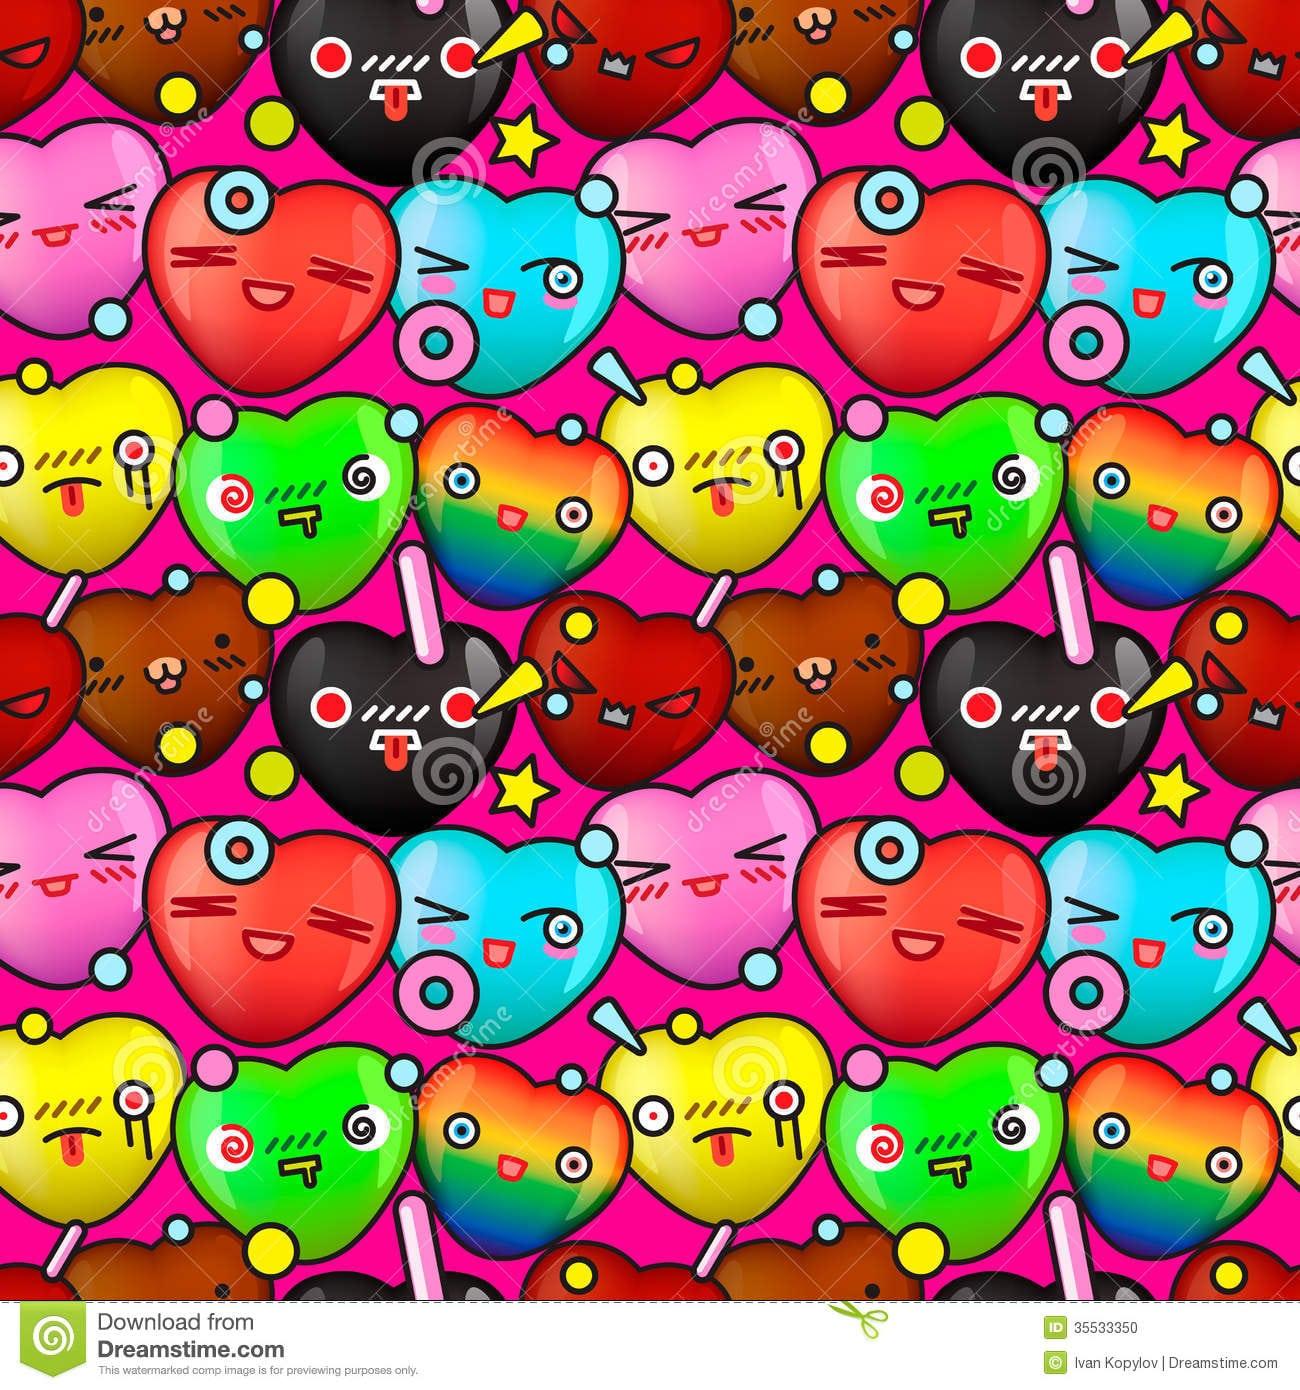 Teste Padrão Sem Emenda Dos Desenhos Animados Bonitos Coloridos